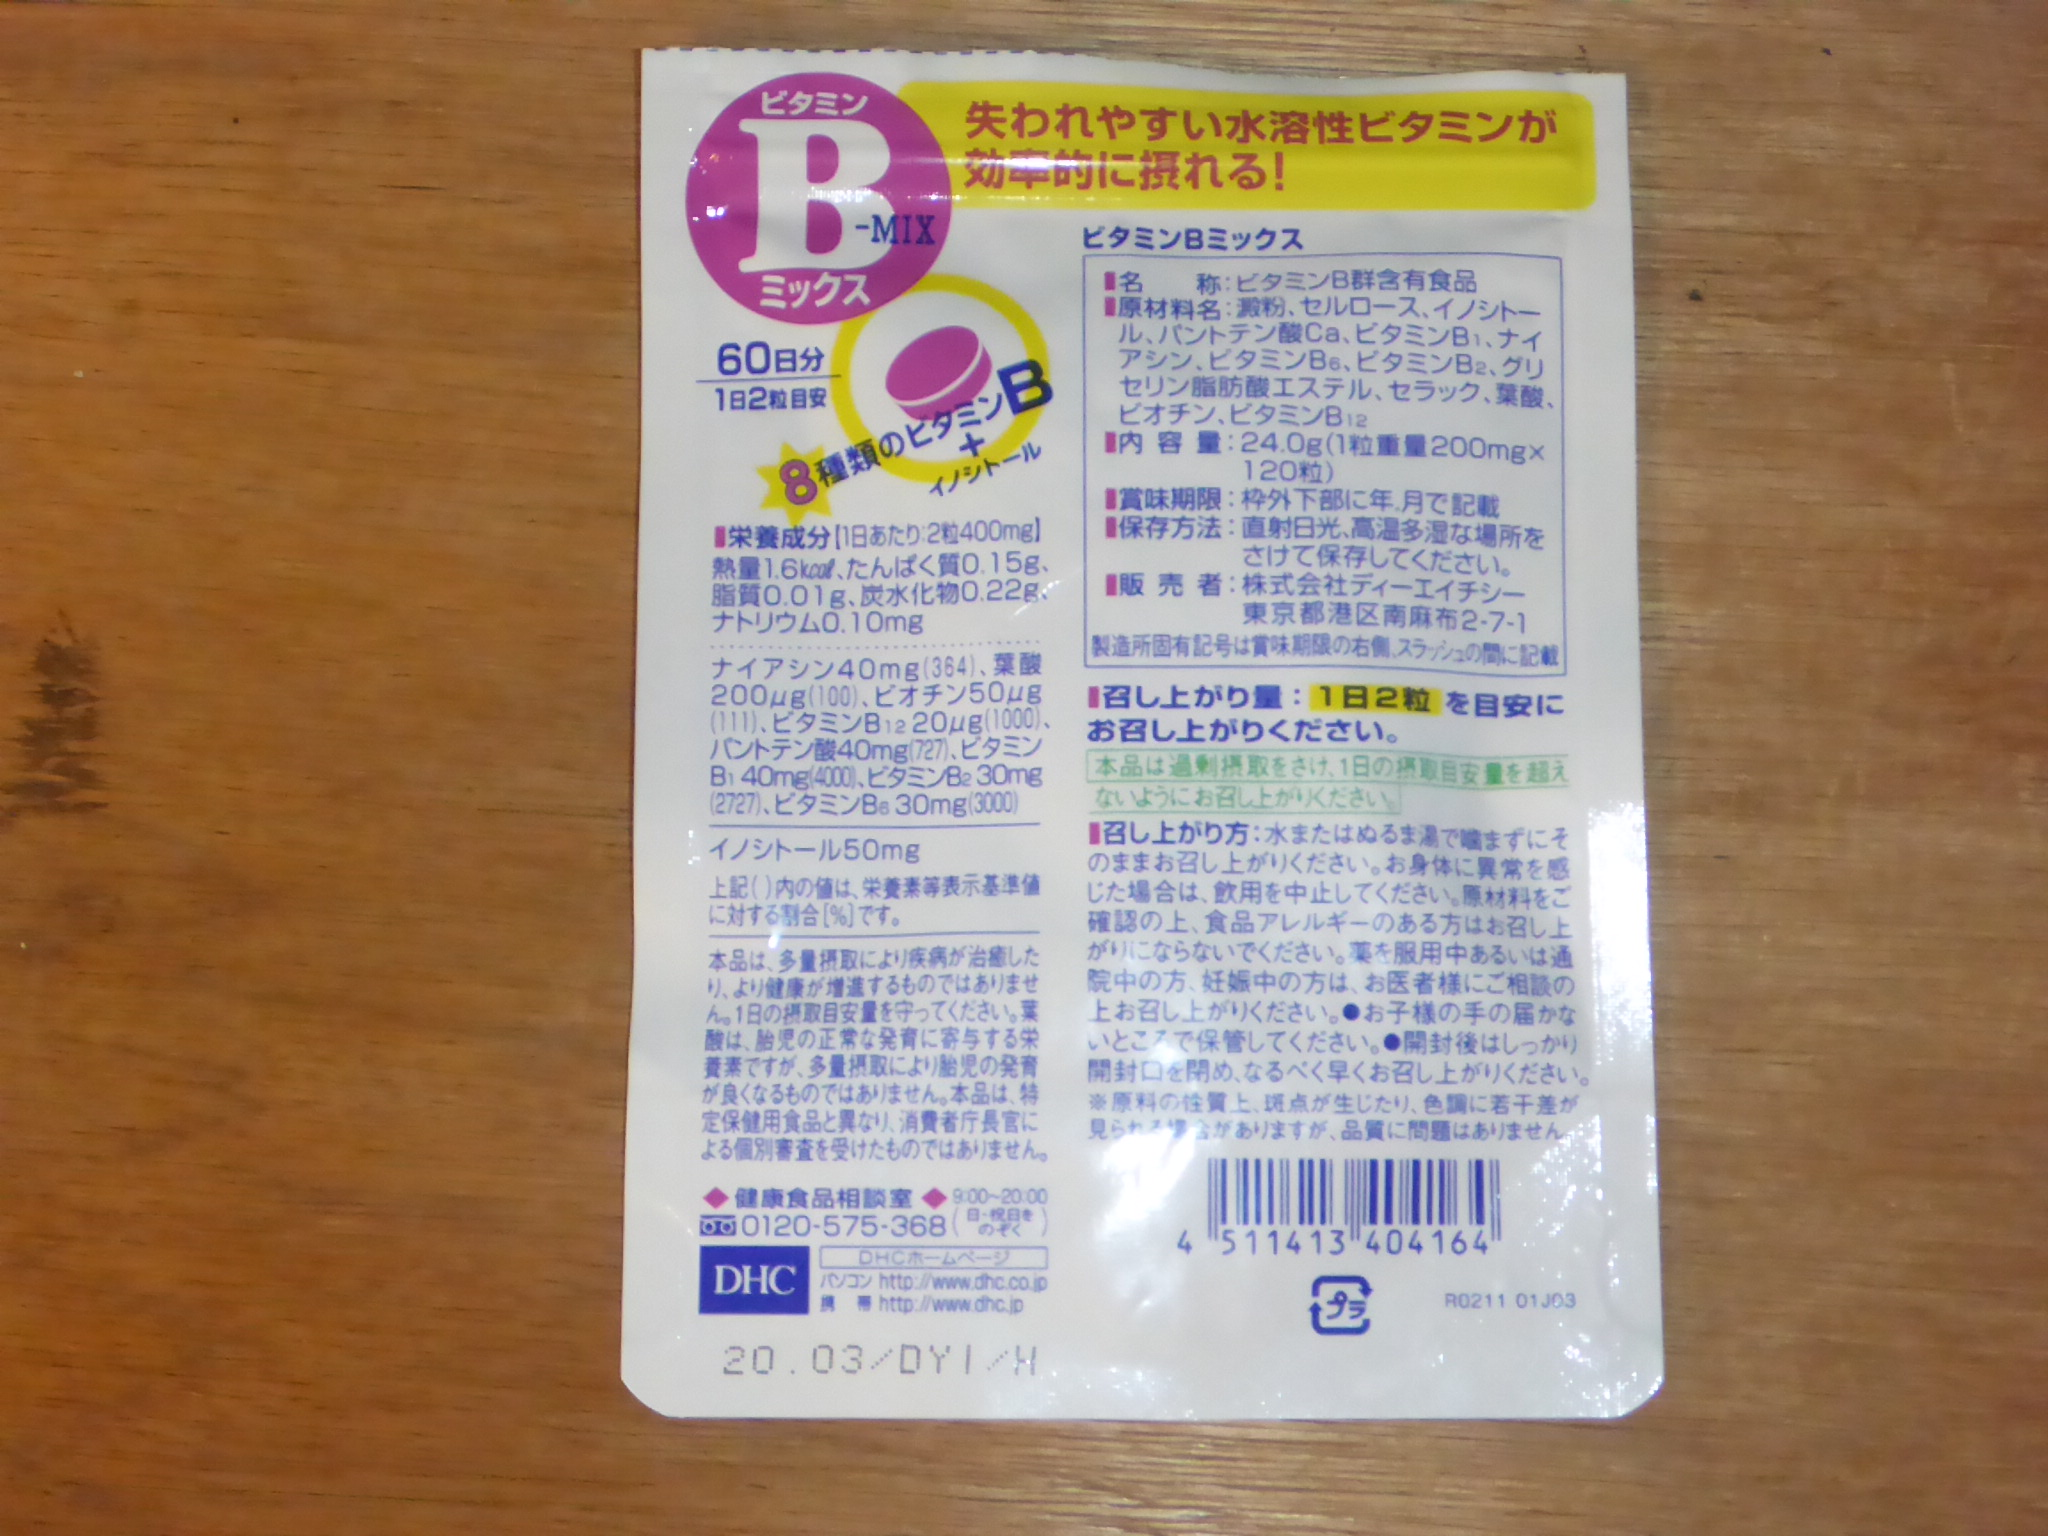 ビタミンB錠剤パッケージ裏側